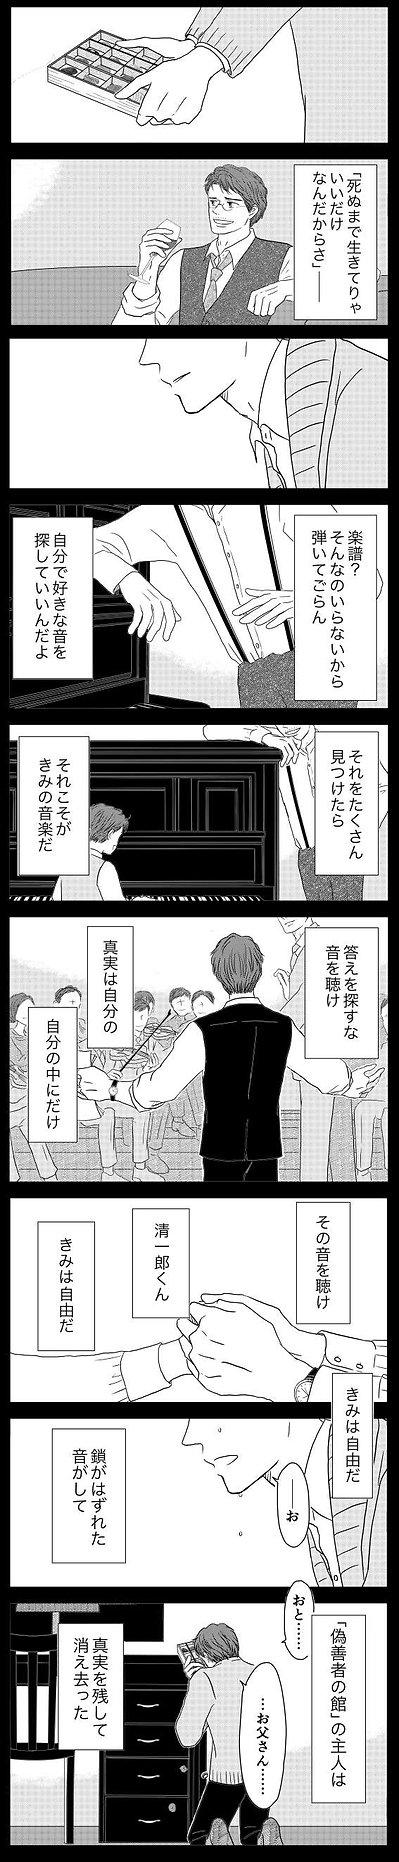 洋輔さん49.jpg